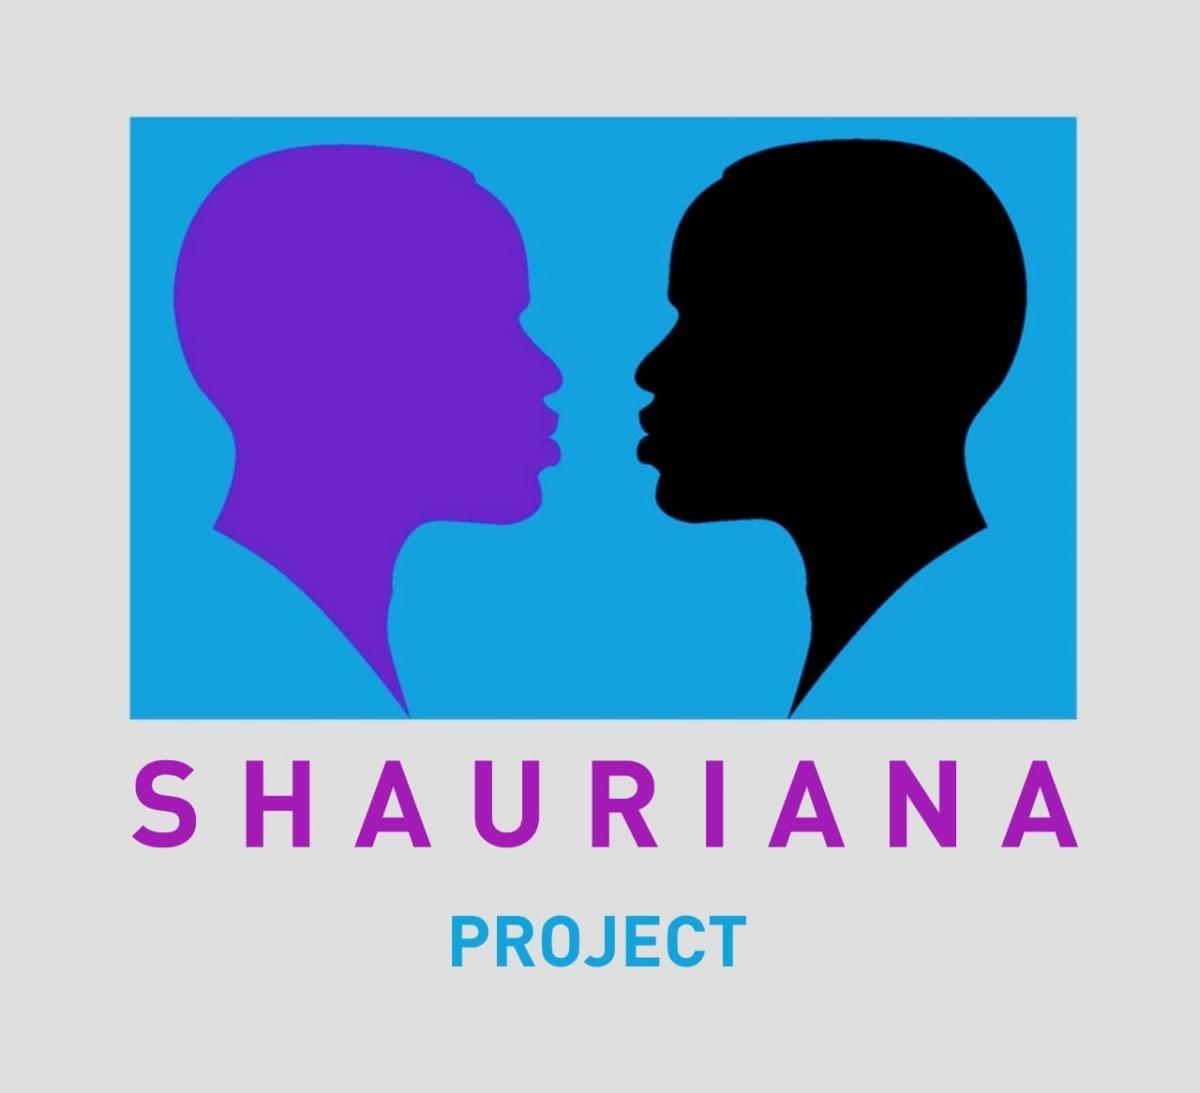 Shauriana Project logo